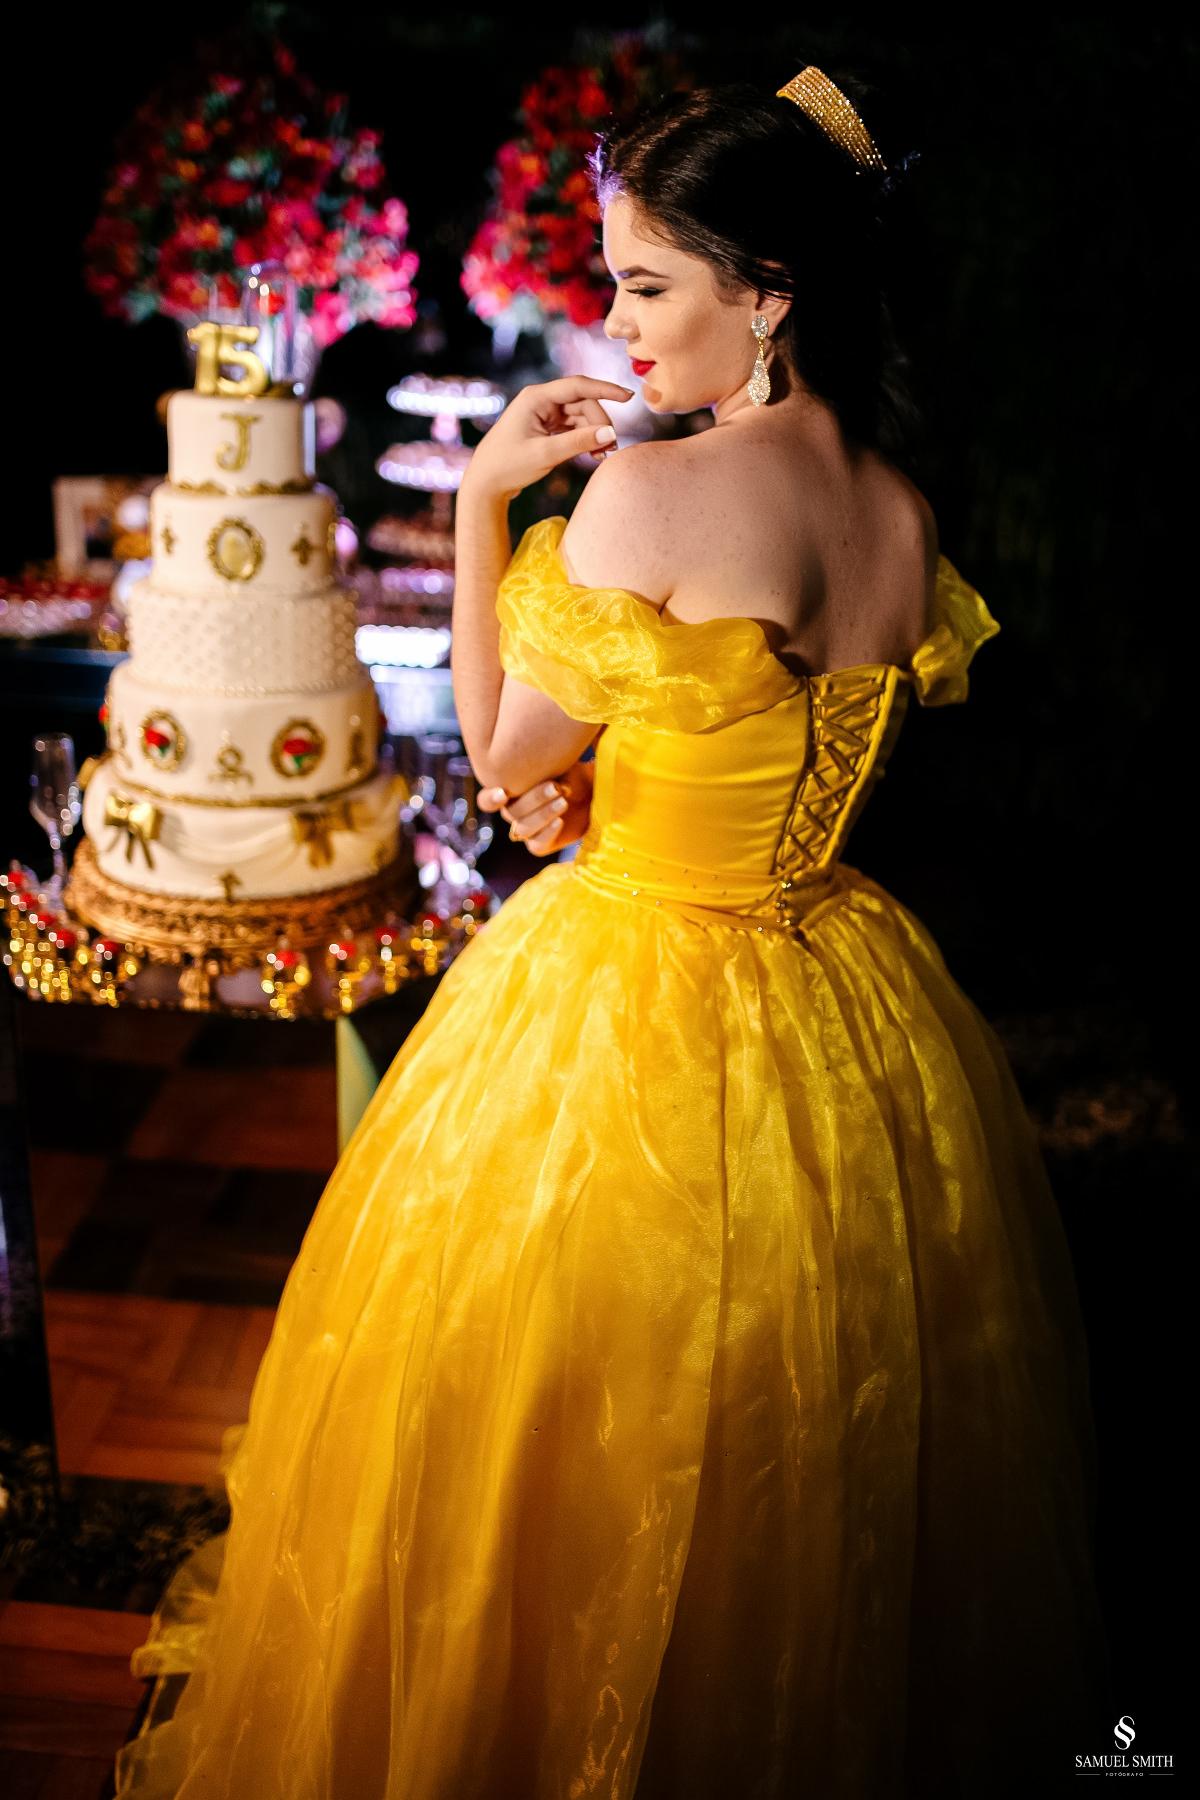 aniversário de 15 anos festa Laguna Sc fotos fotógrafo samuel smith (34)